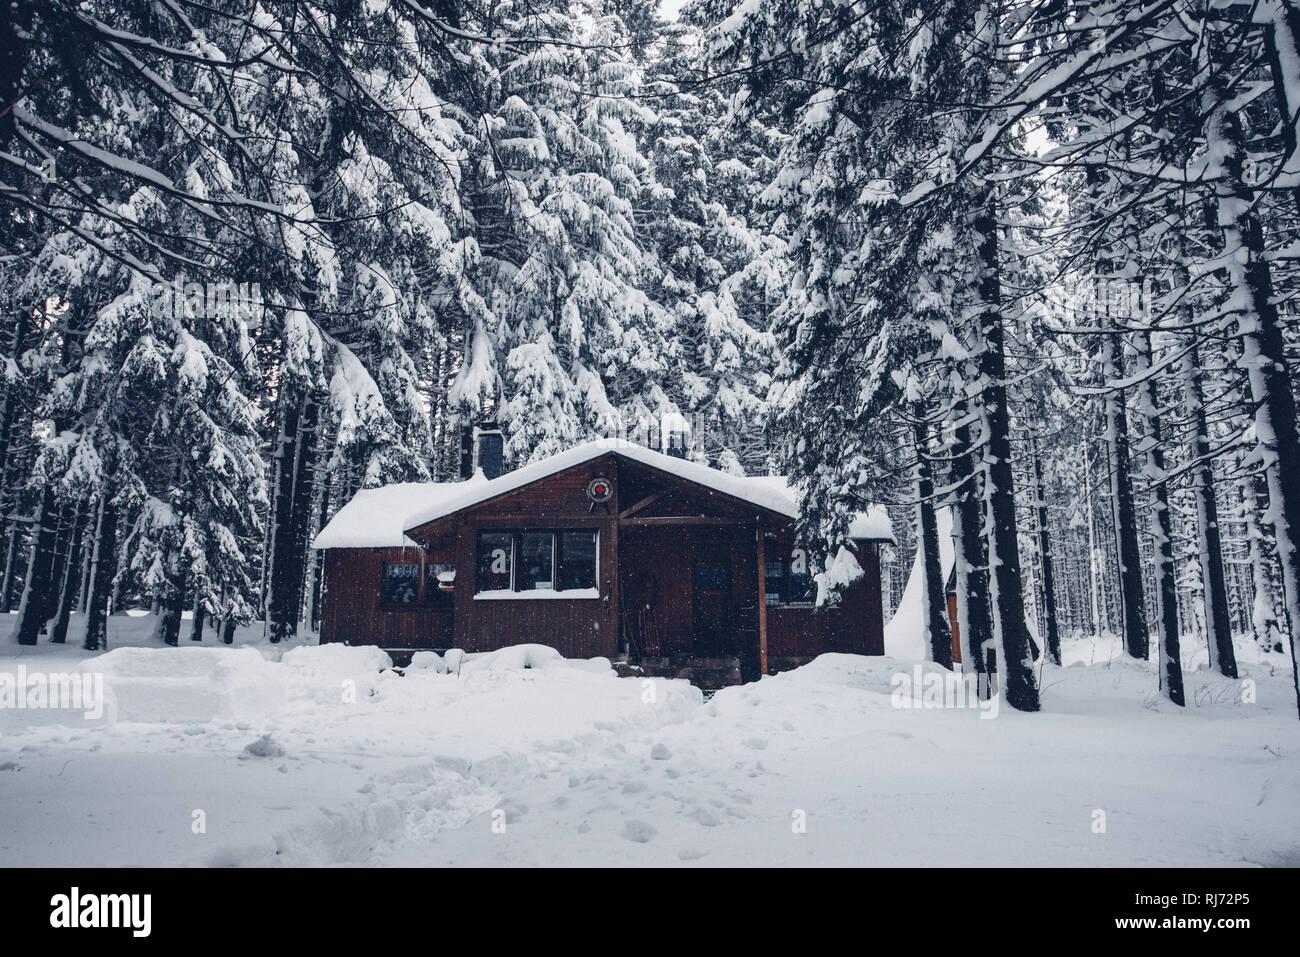 Hütte im Wald, Winter, Harz, Schierke, Deutschland - Stock Image